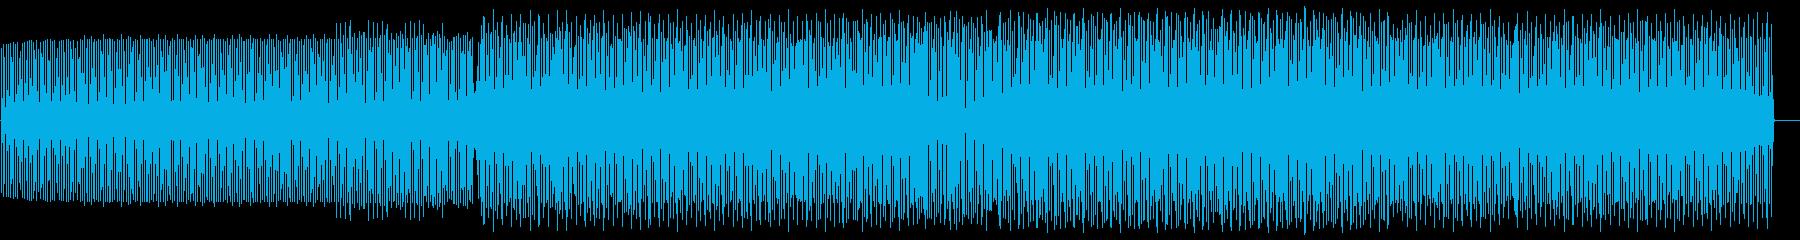 ミニマルなハウスのクラブサウンドの再生済みの波形